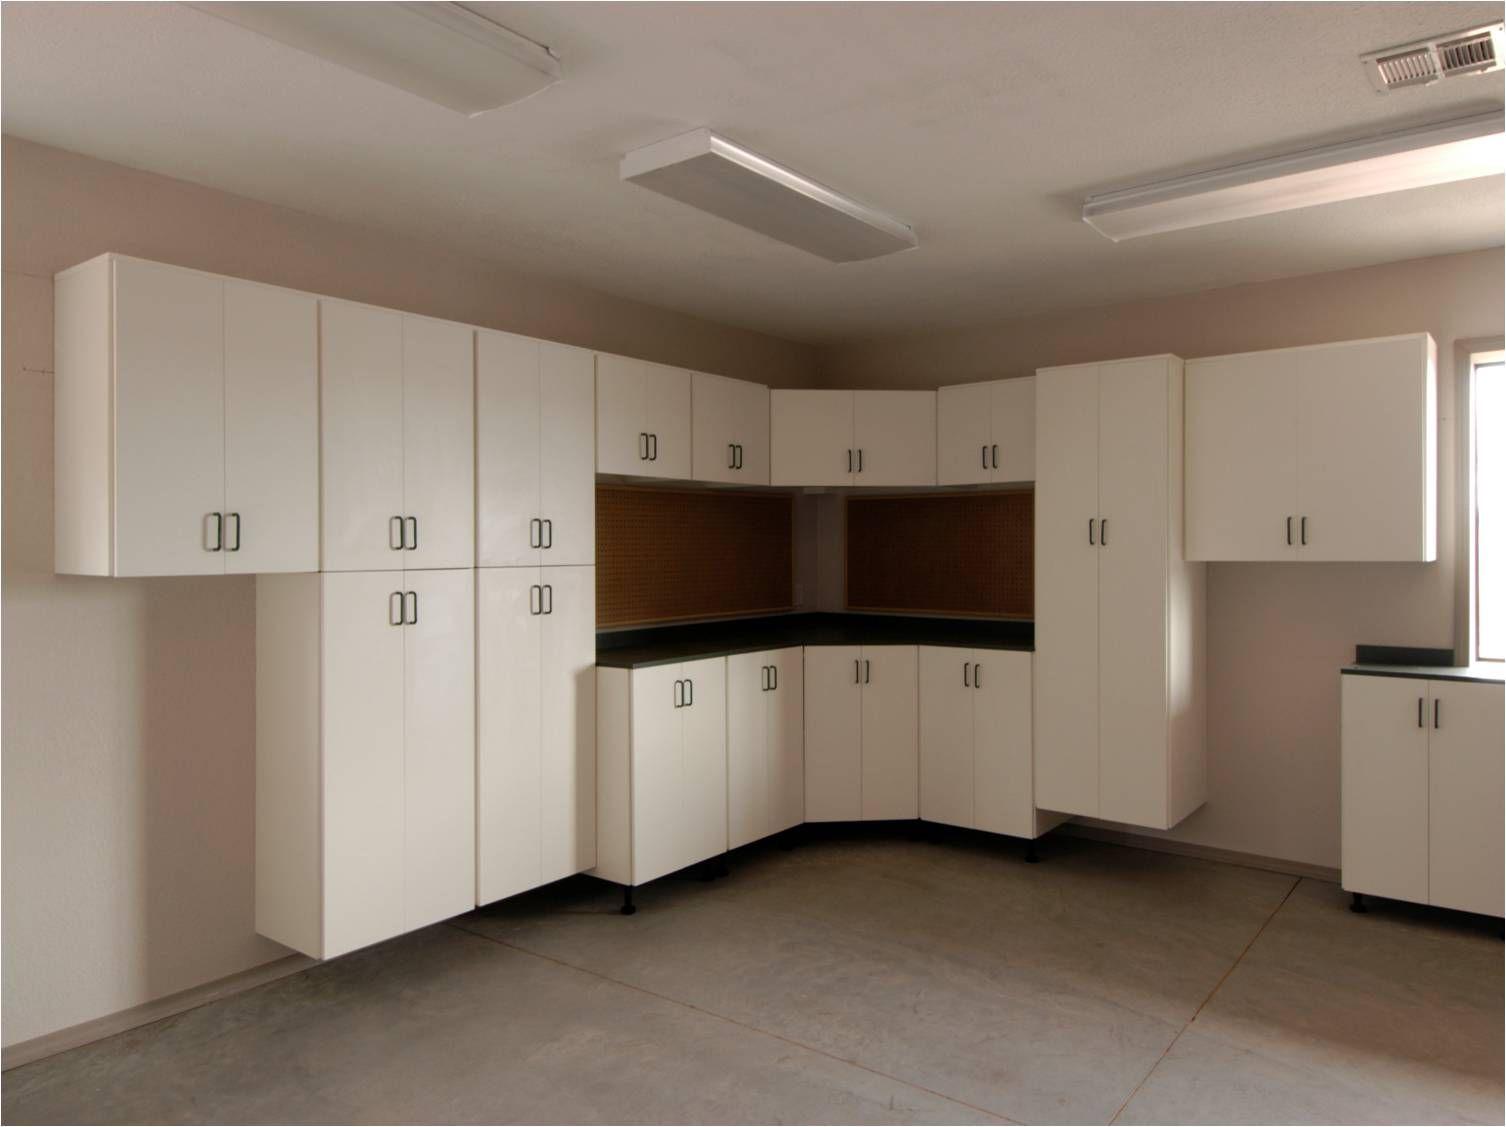 Garage Storage Design Ideas Garage Design Pictures Basement